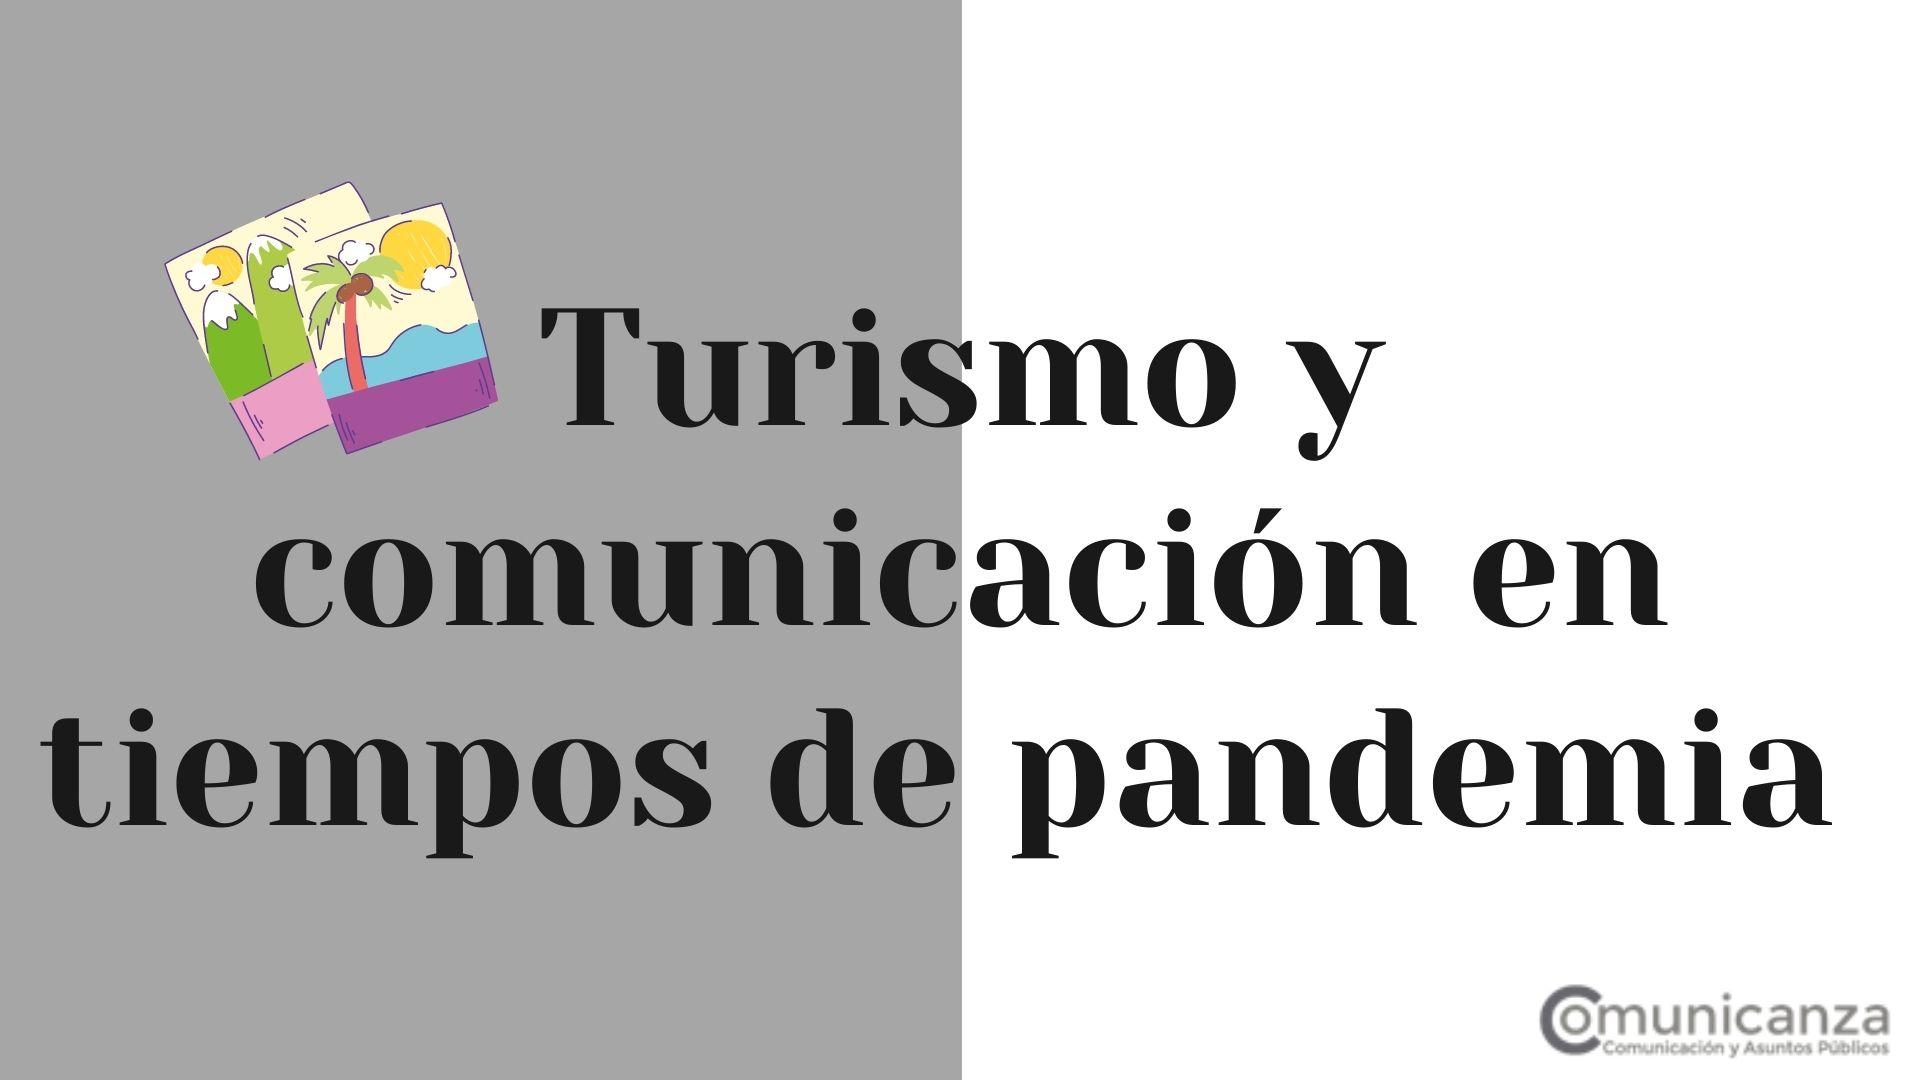 Turismo y comunicación en tiempos de pandemia